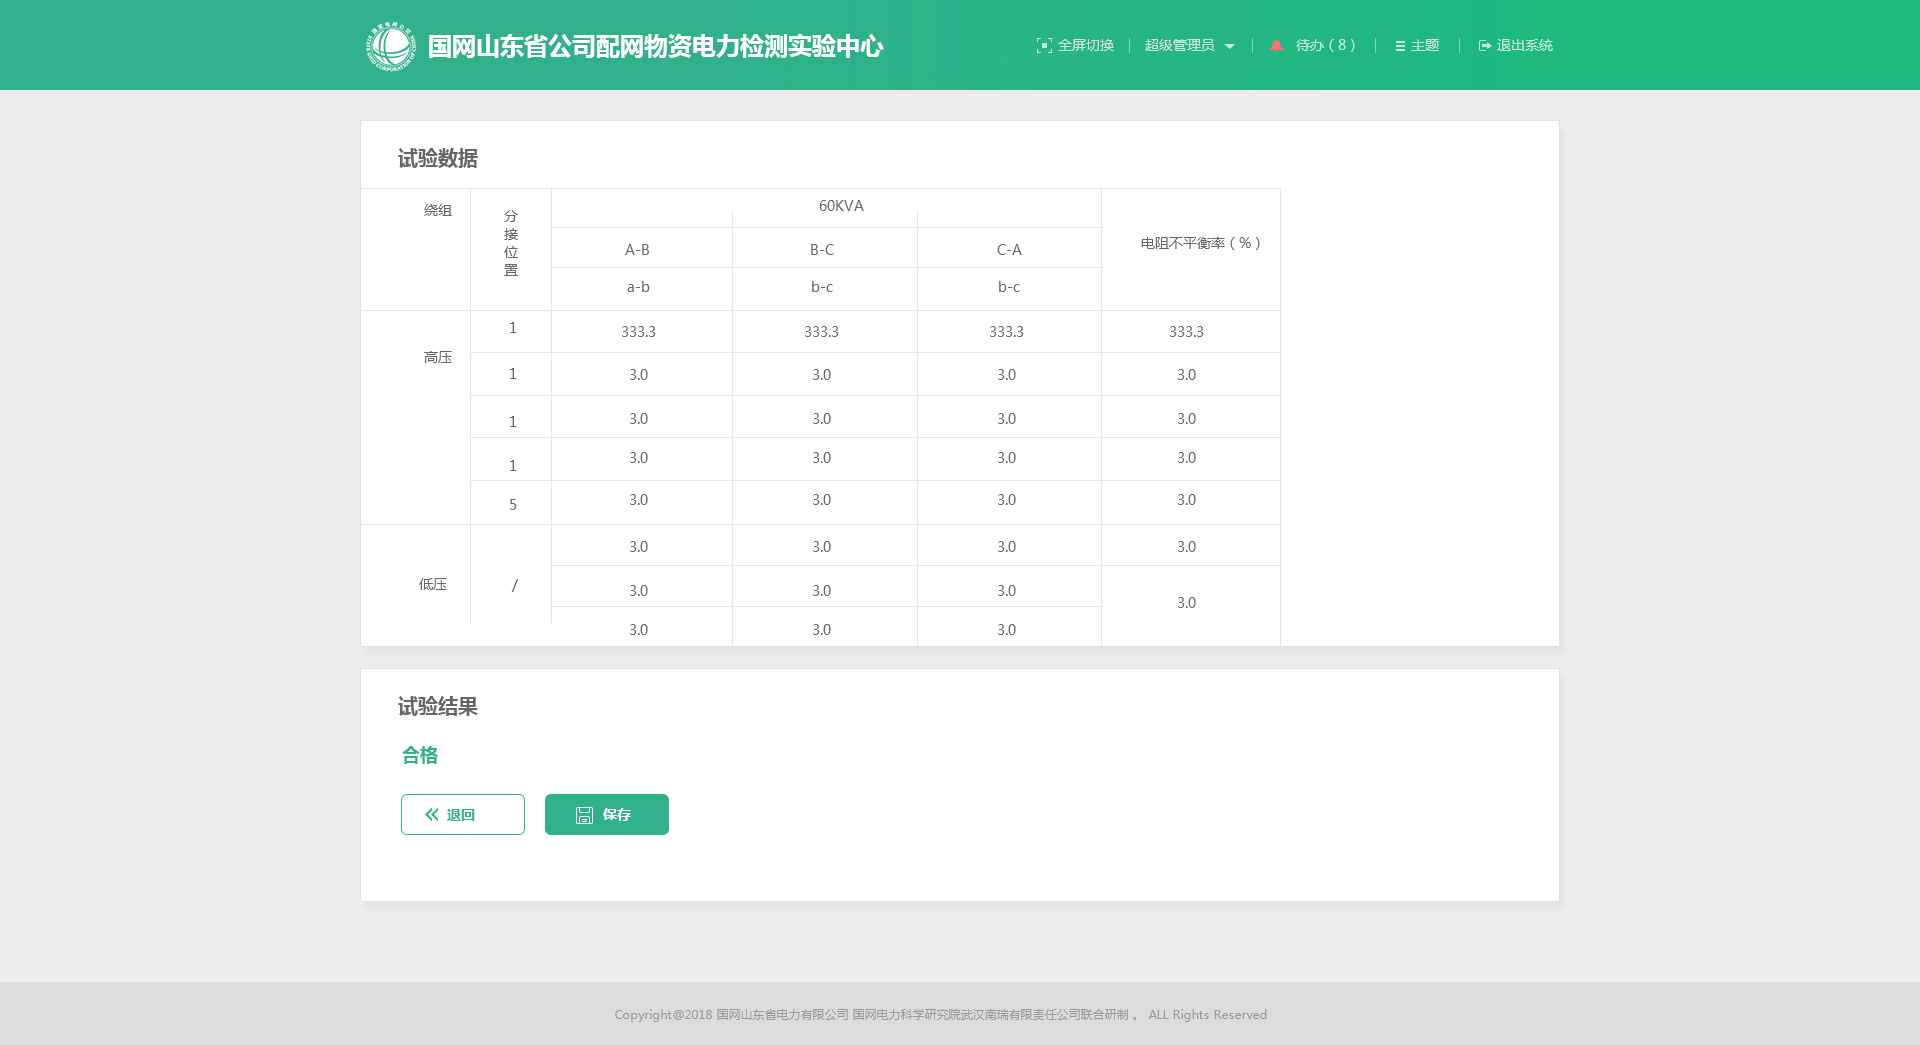 简单的博客网站源码下载(简单网站 源码) (https://www.oilcn.net.cn/) 综合教程 第4张